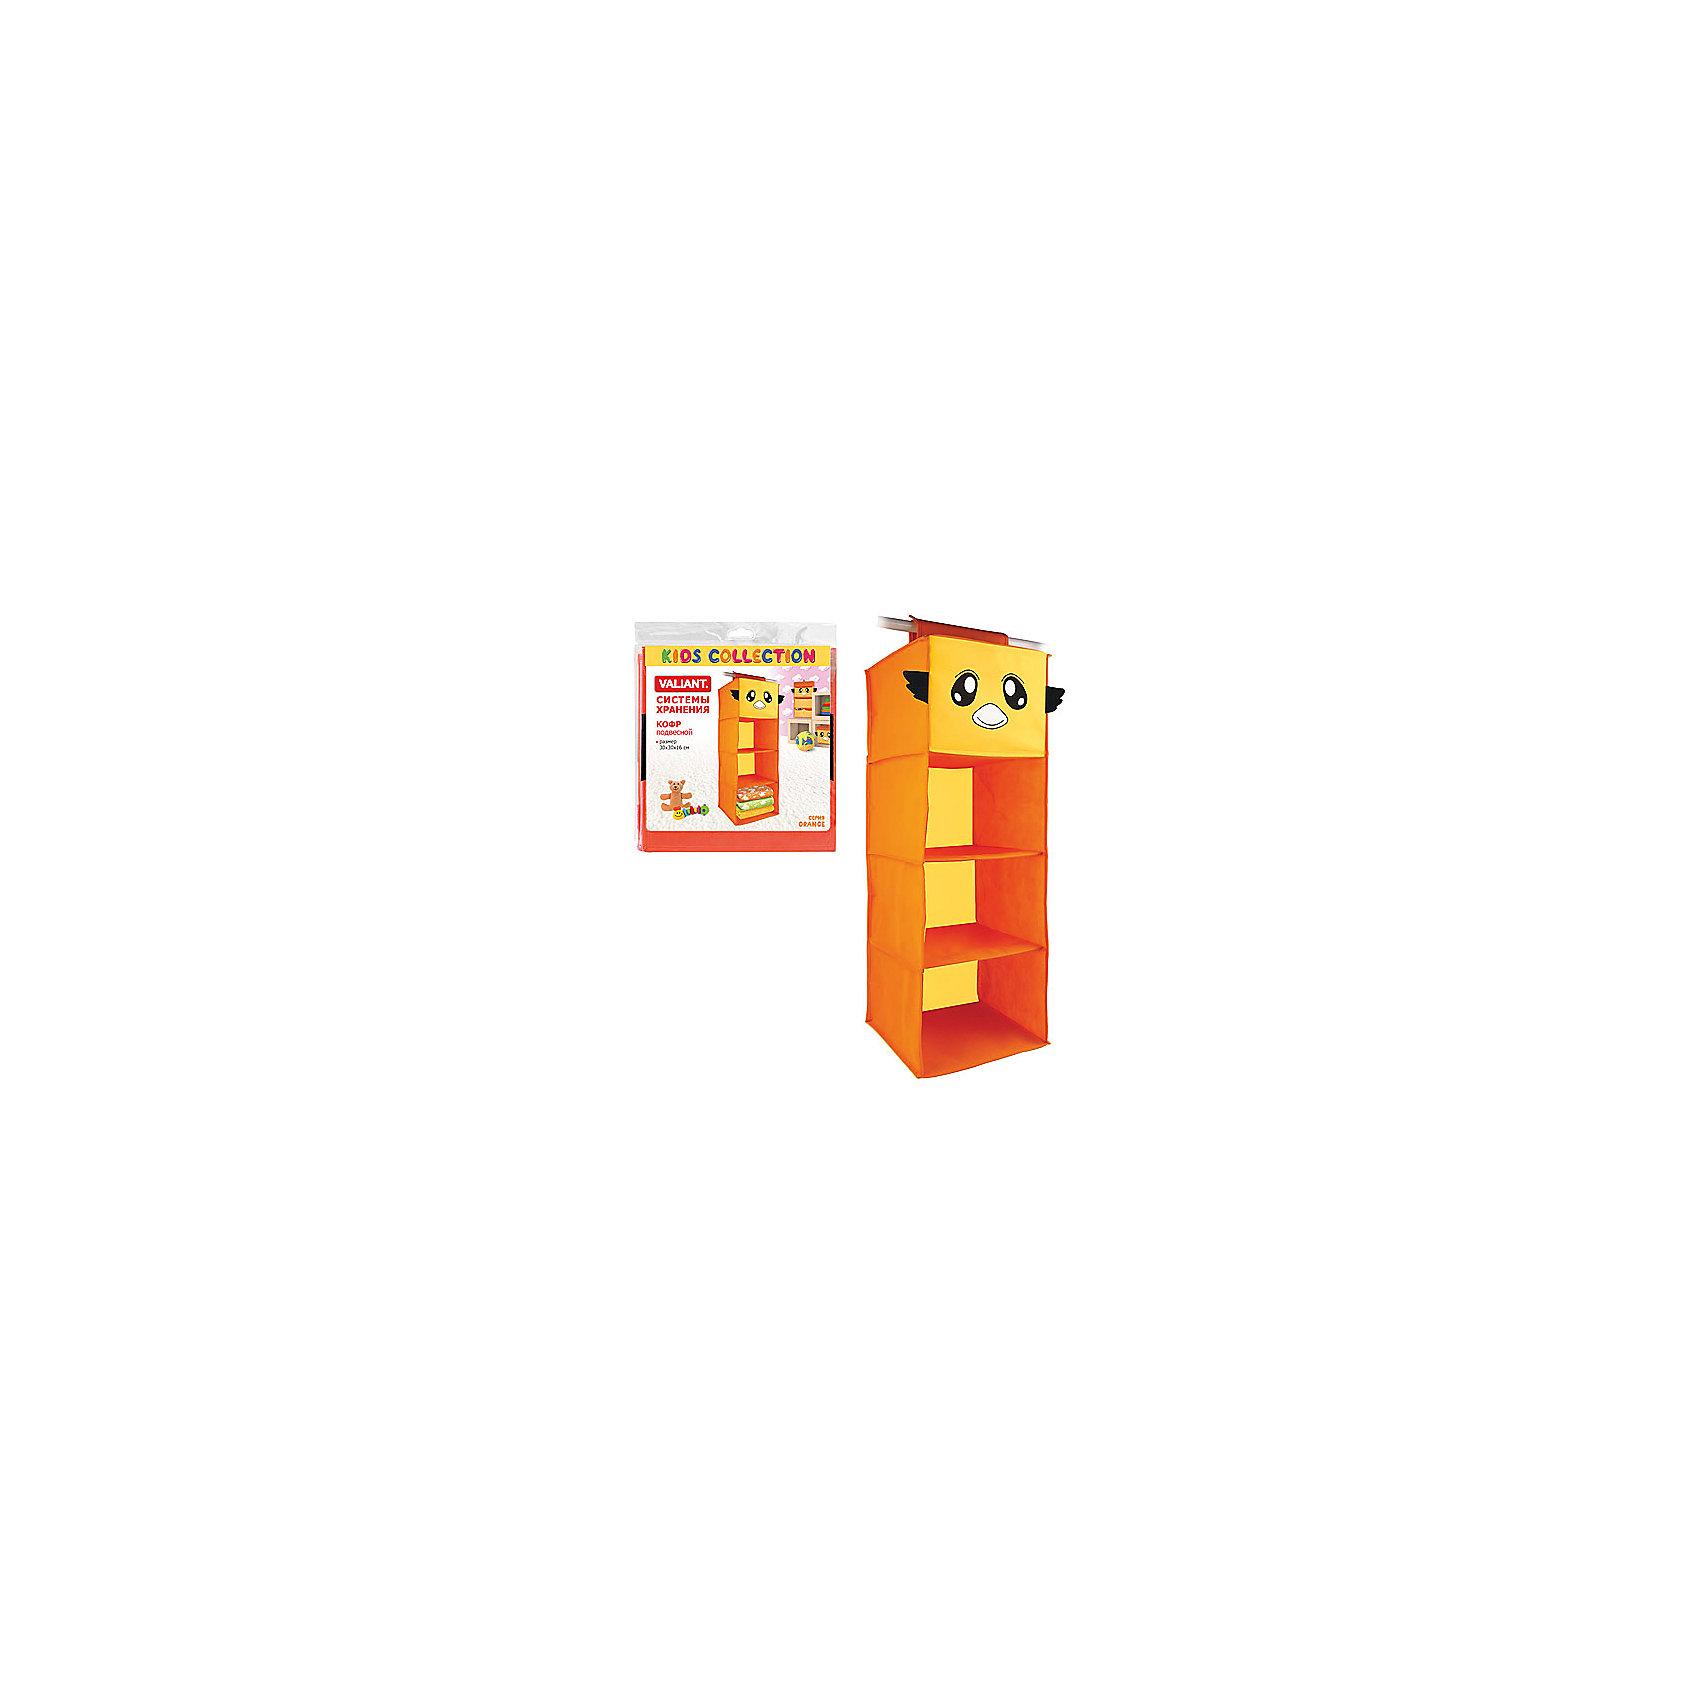 Оранжевый подвесной кофр 30*30*84 см, 4 полкиУ оранжевого подвесного кофра 30*30*84 см яркий и современный дизайн который, украсит интерьер детской комнаты. Кофр поможет Вам содержать детскую комнату в идеальном состоянии. Материал не пропускает пыль, но при этом воздух свободно проникает внутрь, обеспечивая естественную вентиляцию. Защищает вещи от моли. Изделие легкое, удобное и не образует складок. Особая конструкция позволяет при необходимости одним движением сложить или разложить кофр. Стирка изделия запрещена. Рекомендуется сухая чистка. Срок годности не ограничен.<br><br>Дополнительная информация:<br><br>- цвет: оранжевый<br>- материал: нетканое полотно<br>- вместительность: 4 секции<br>- специальные функции: - подвесной<br>- размеры: 30 * 84 * 30 см. <br><br>Оранжевый подвесной кофр 30*30*84 см. 4 полки можно купить в нашем интернет-магазине.<br><br>Ширина мм: 300<br>Глубина мм: 300<br>Высота мм: 840<br>Вес г: 633<br>Возраст от месяцев: -2147483648<br>Возраст до месяцев: 2147483647<br>Пол: Унисекс<br>Возраст: Детский<br>SKU: 4563424